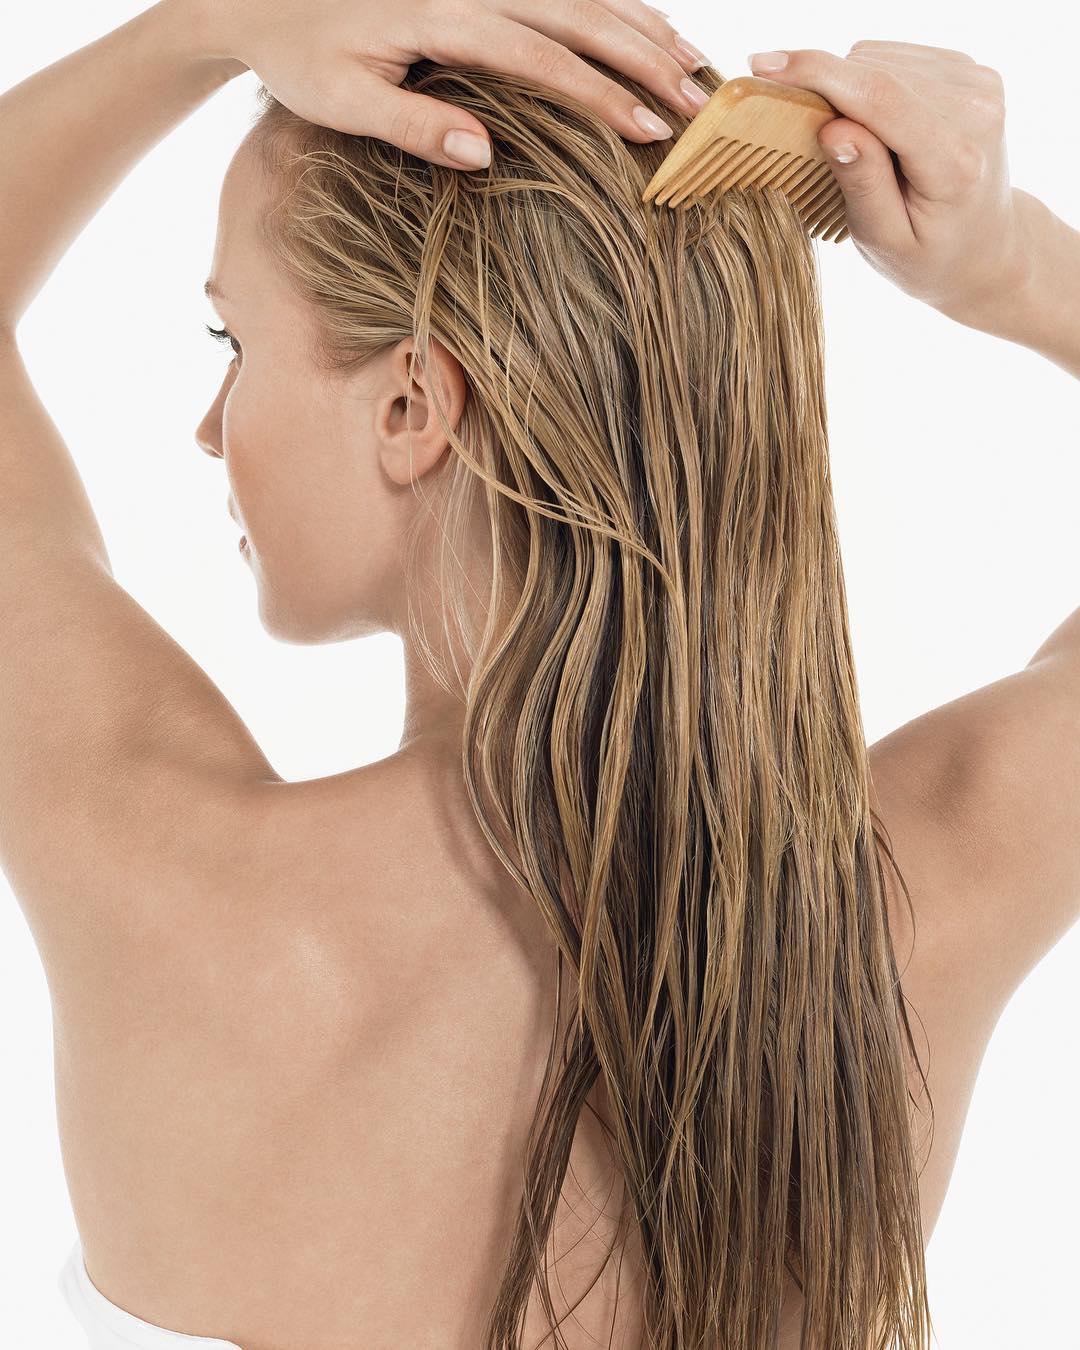 парфумера створенні можно ли ложиться спать с мокрыми волосами открытка признанием